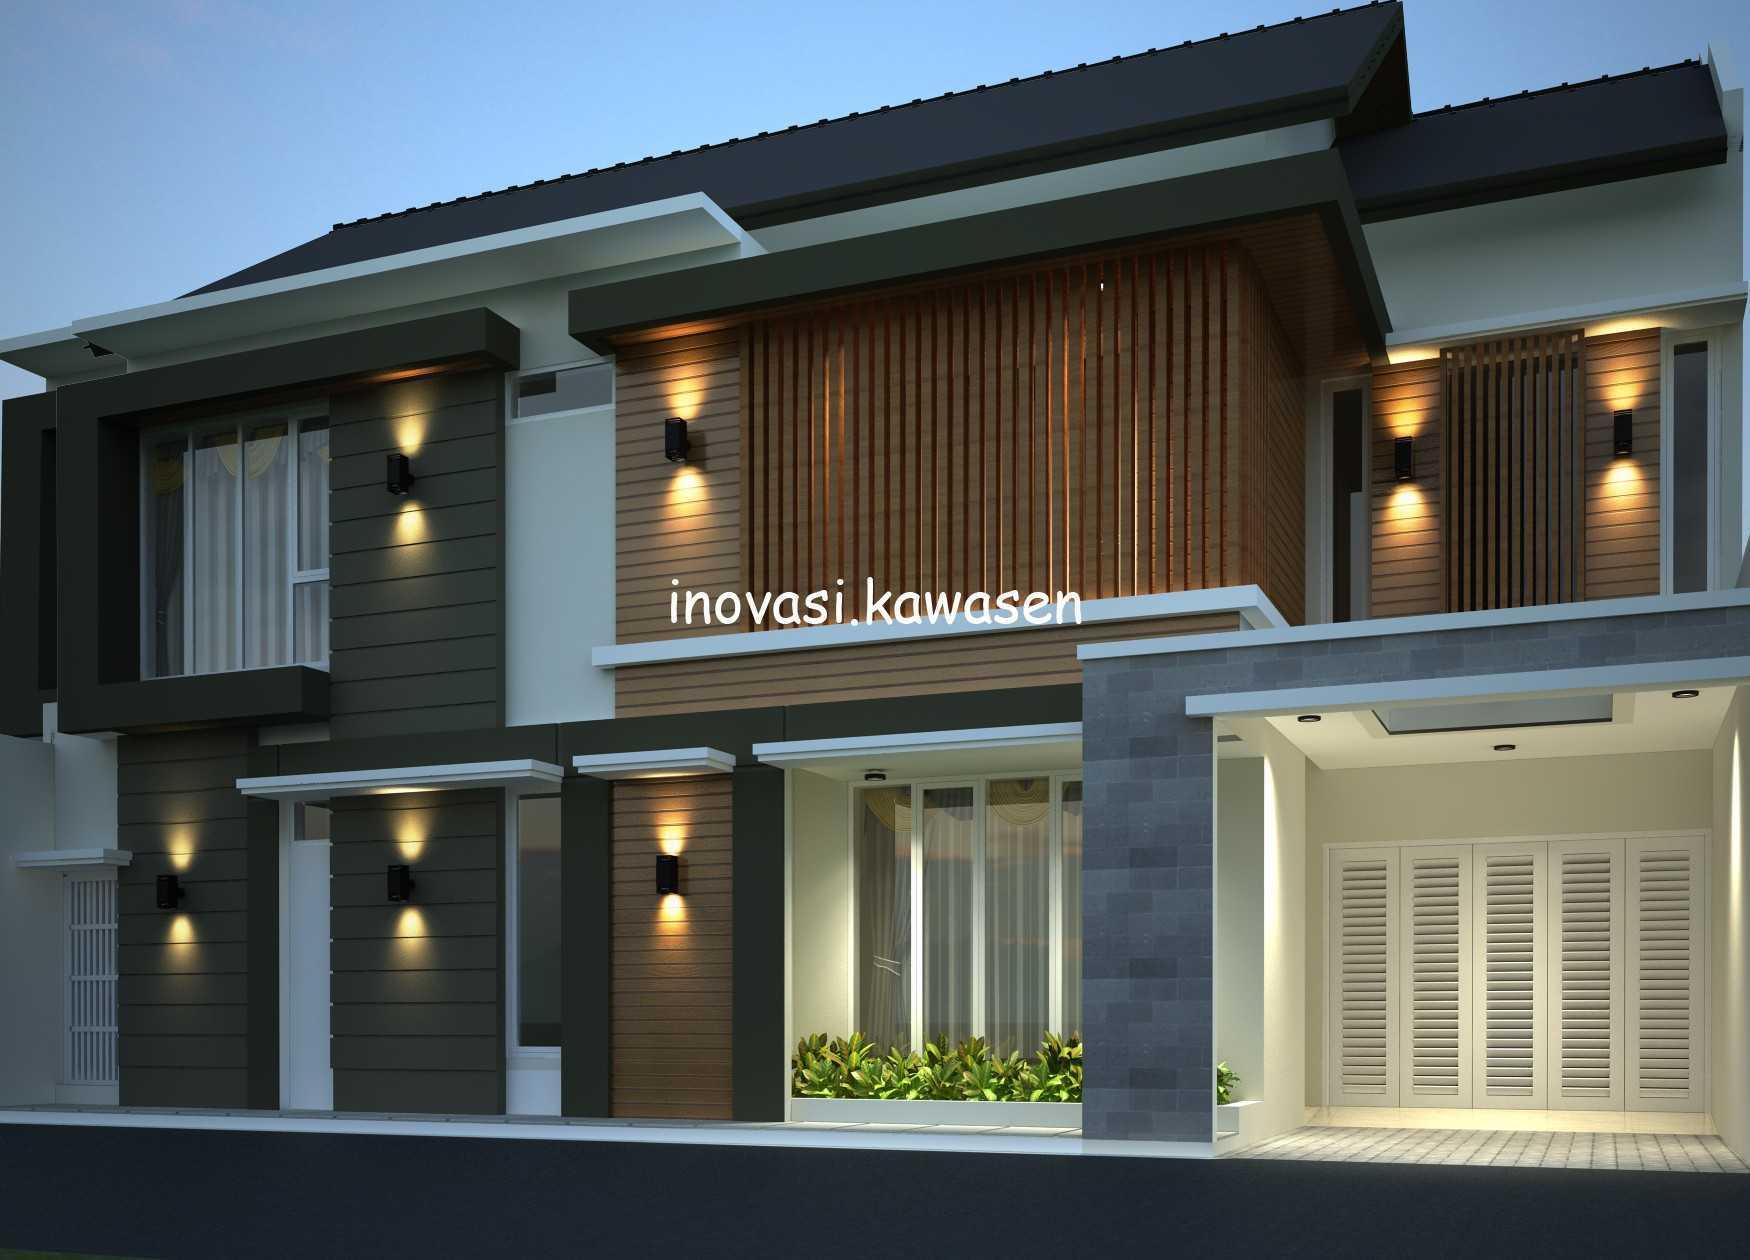 Inovasi Kawasen Rumah Tinggal Bpk.  Dimas Kota Bogor, Jawa Barat, Indonesia Kota Bogor, Jawa Barat, Indonesia Inovasi-Kawasen-Rumah-Tinggal-Bpk-Dimas  89825